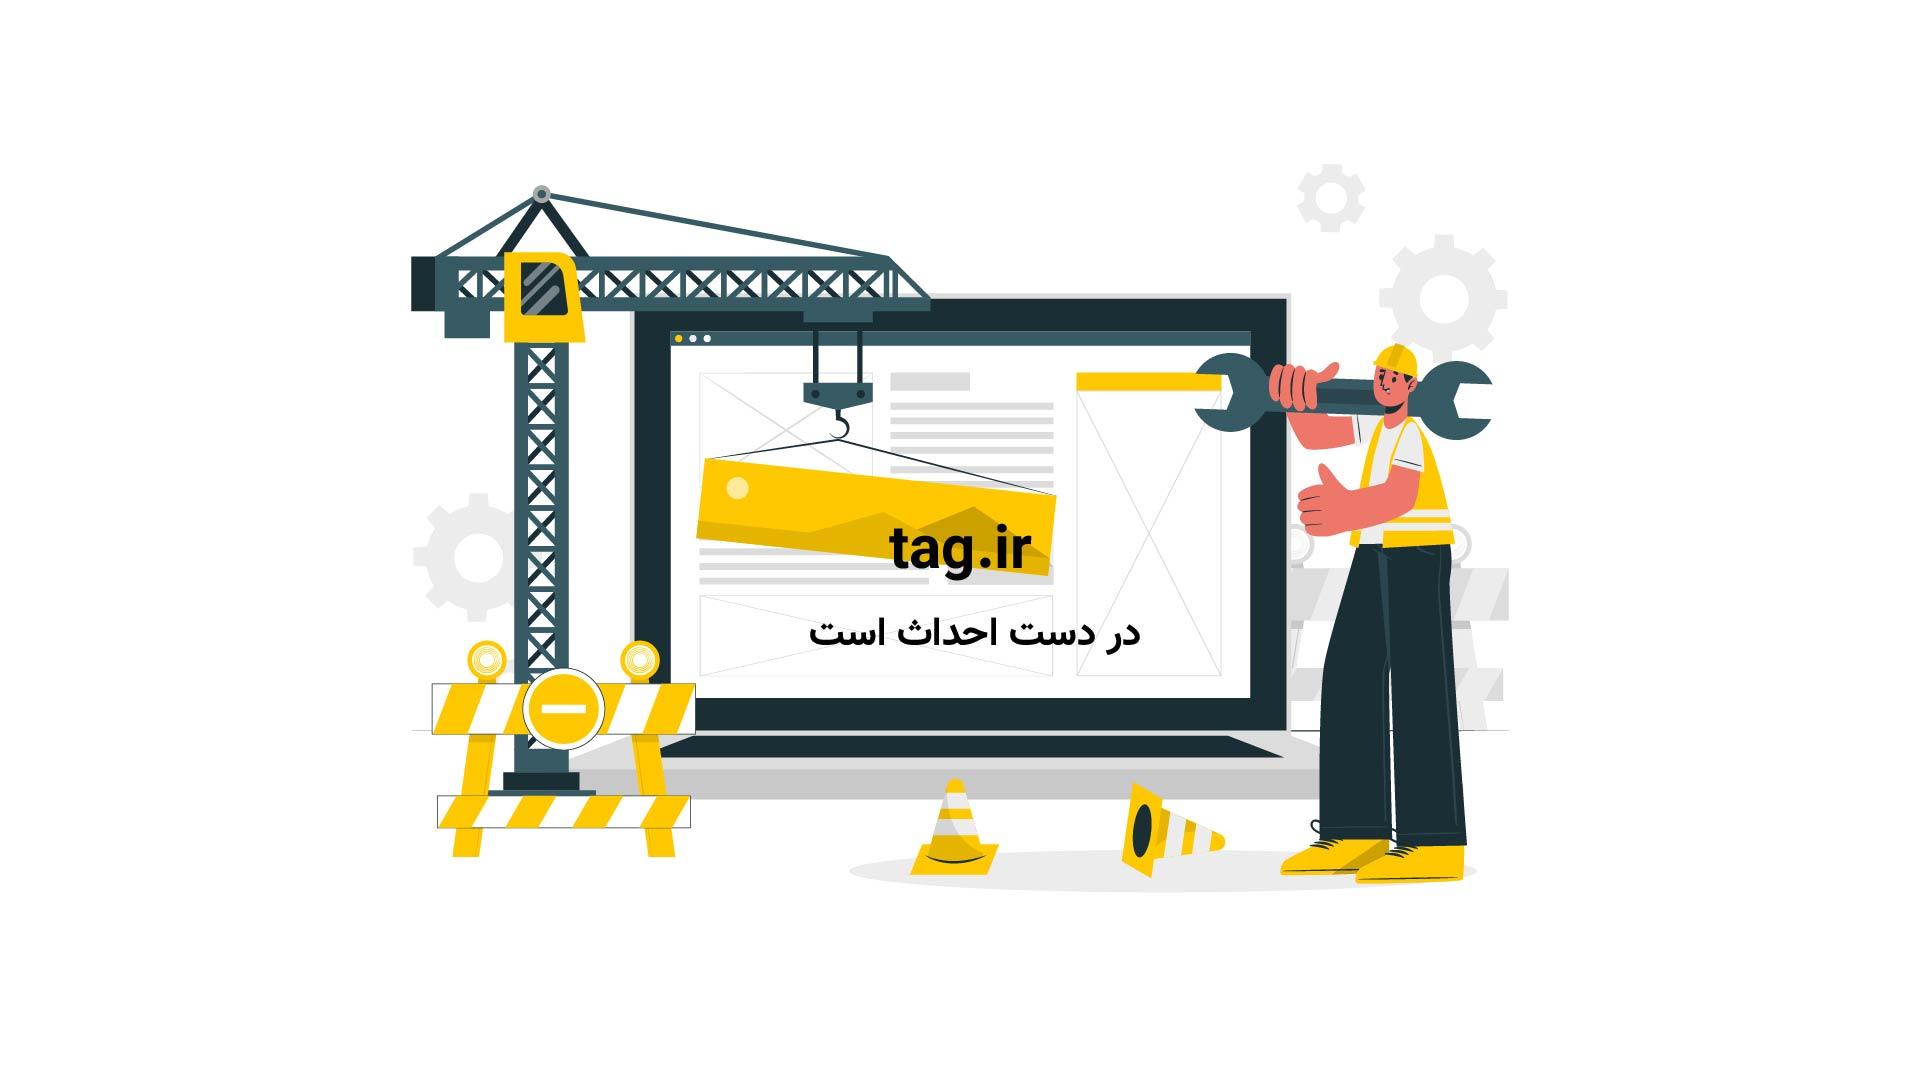 حضور غیرمنتظره بچه کروکودیل در خیابانهای مکزیک | فیلم